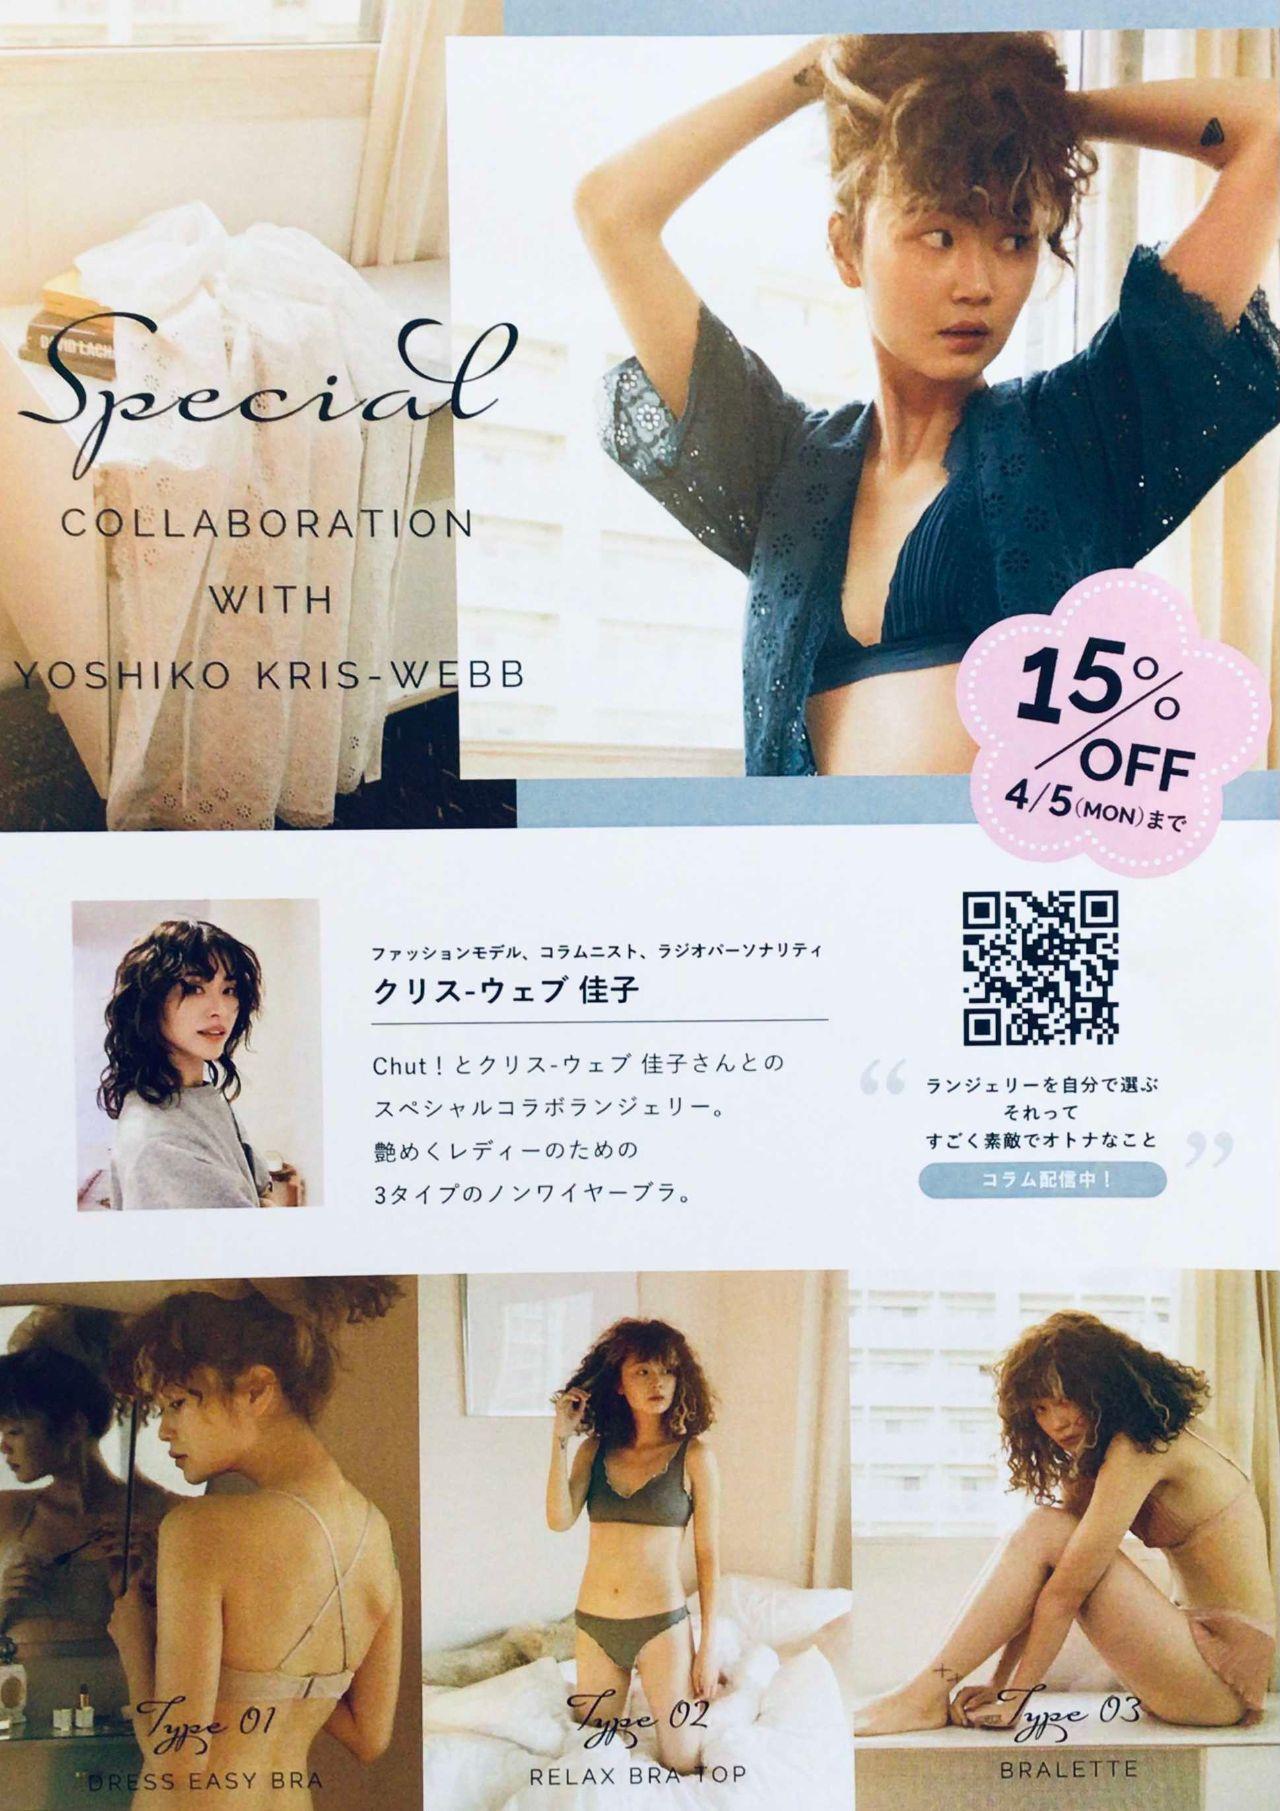 クリス-ウェブ佳子スペシャルコラボレーション【コレド日本橋店】の写真